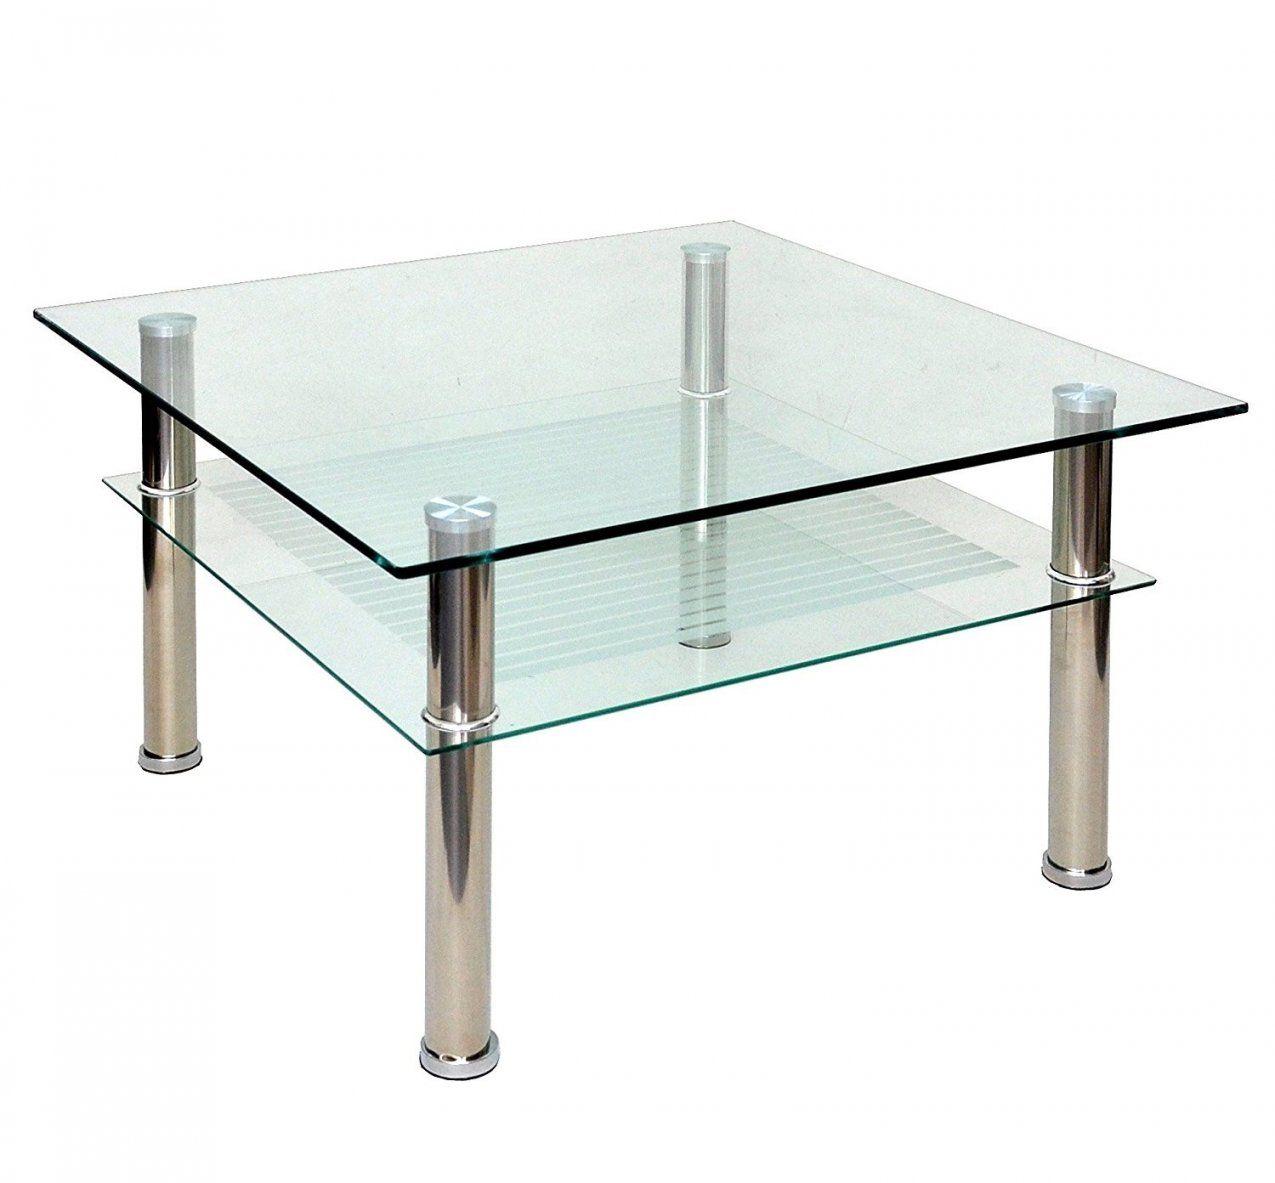 couchtisch ideen fesselnd couchtisch glas 70x70 charmant von couchtisch glas 70x70 bild haus. Black Bedroom Furniture Sets. Home Design Ideas